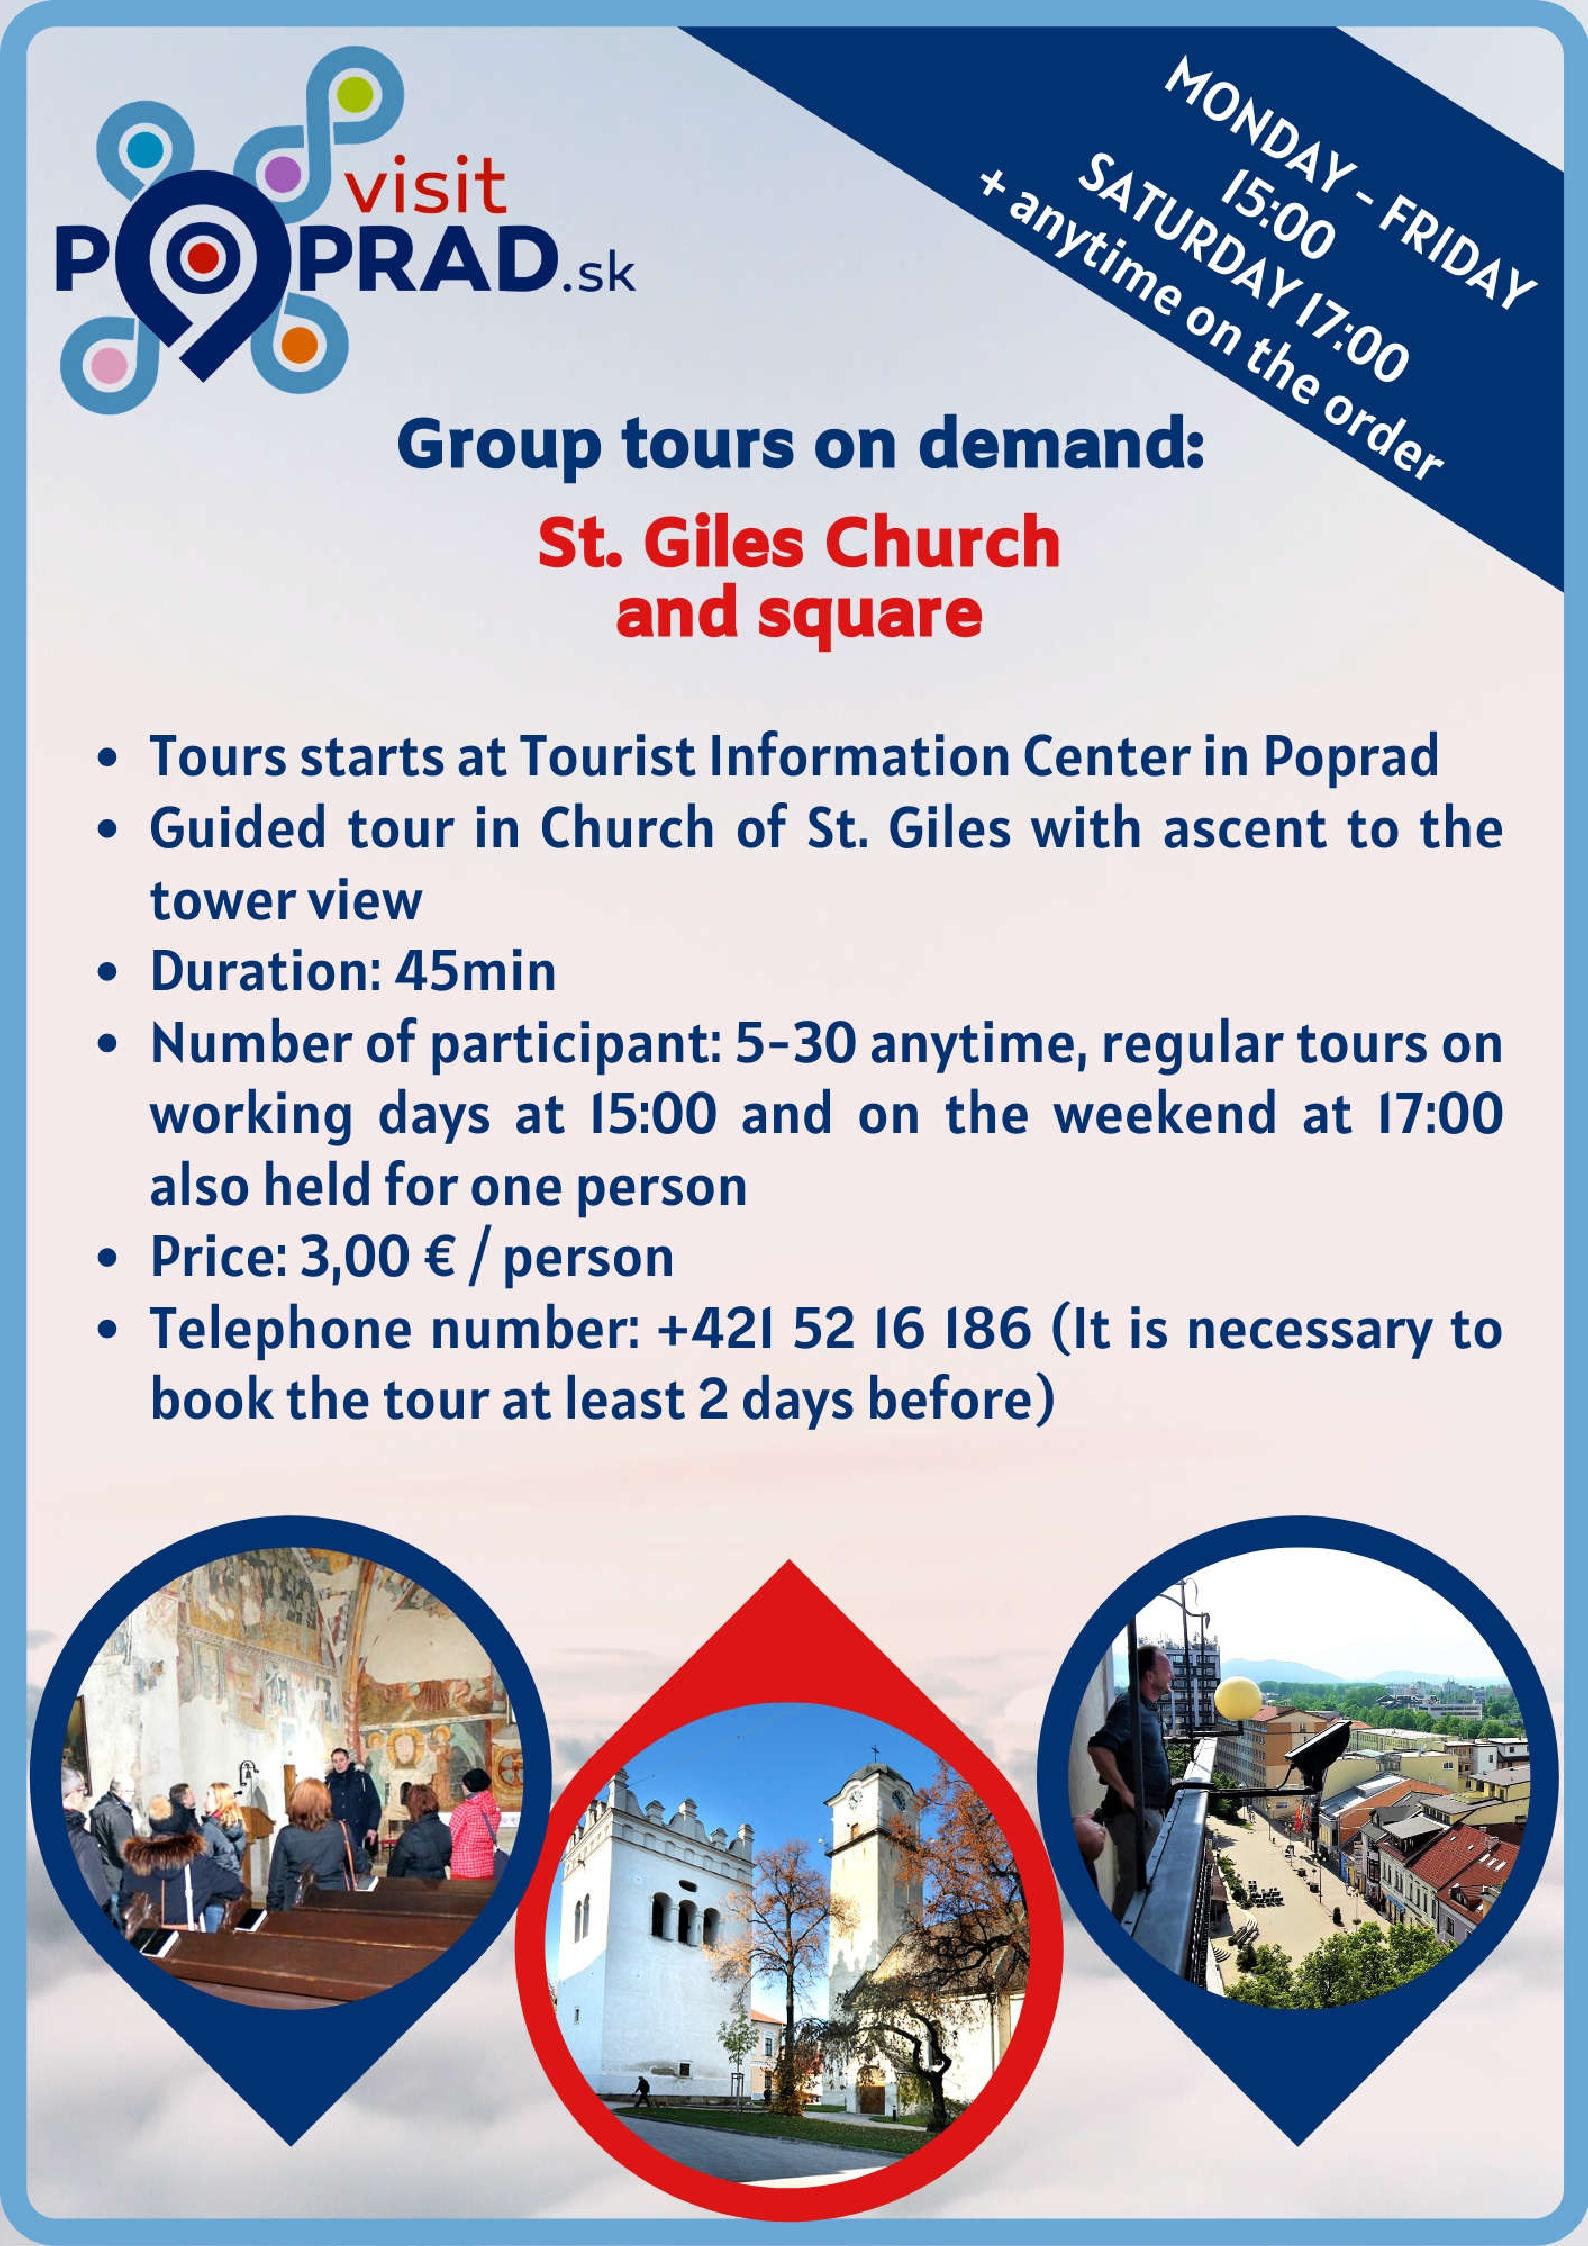 St. Egidius Square, St. Egidius Church (duration: 1 hour), Price: 3.00 €